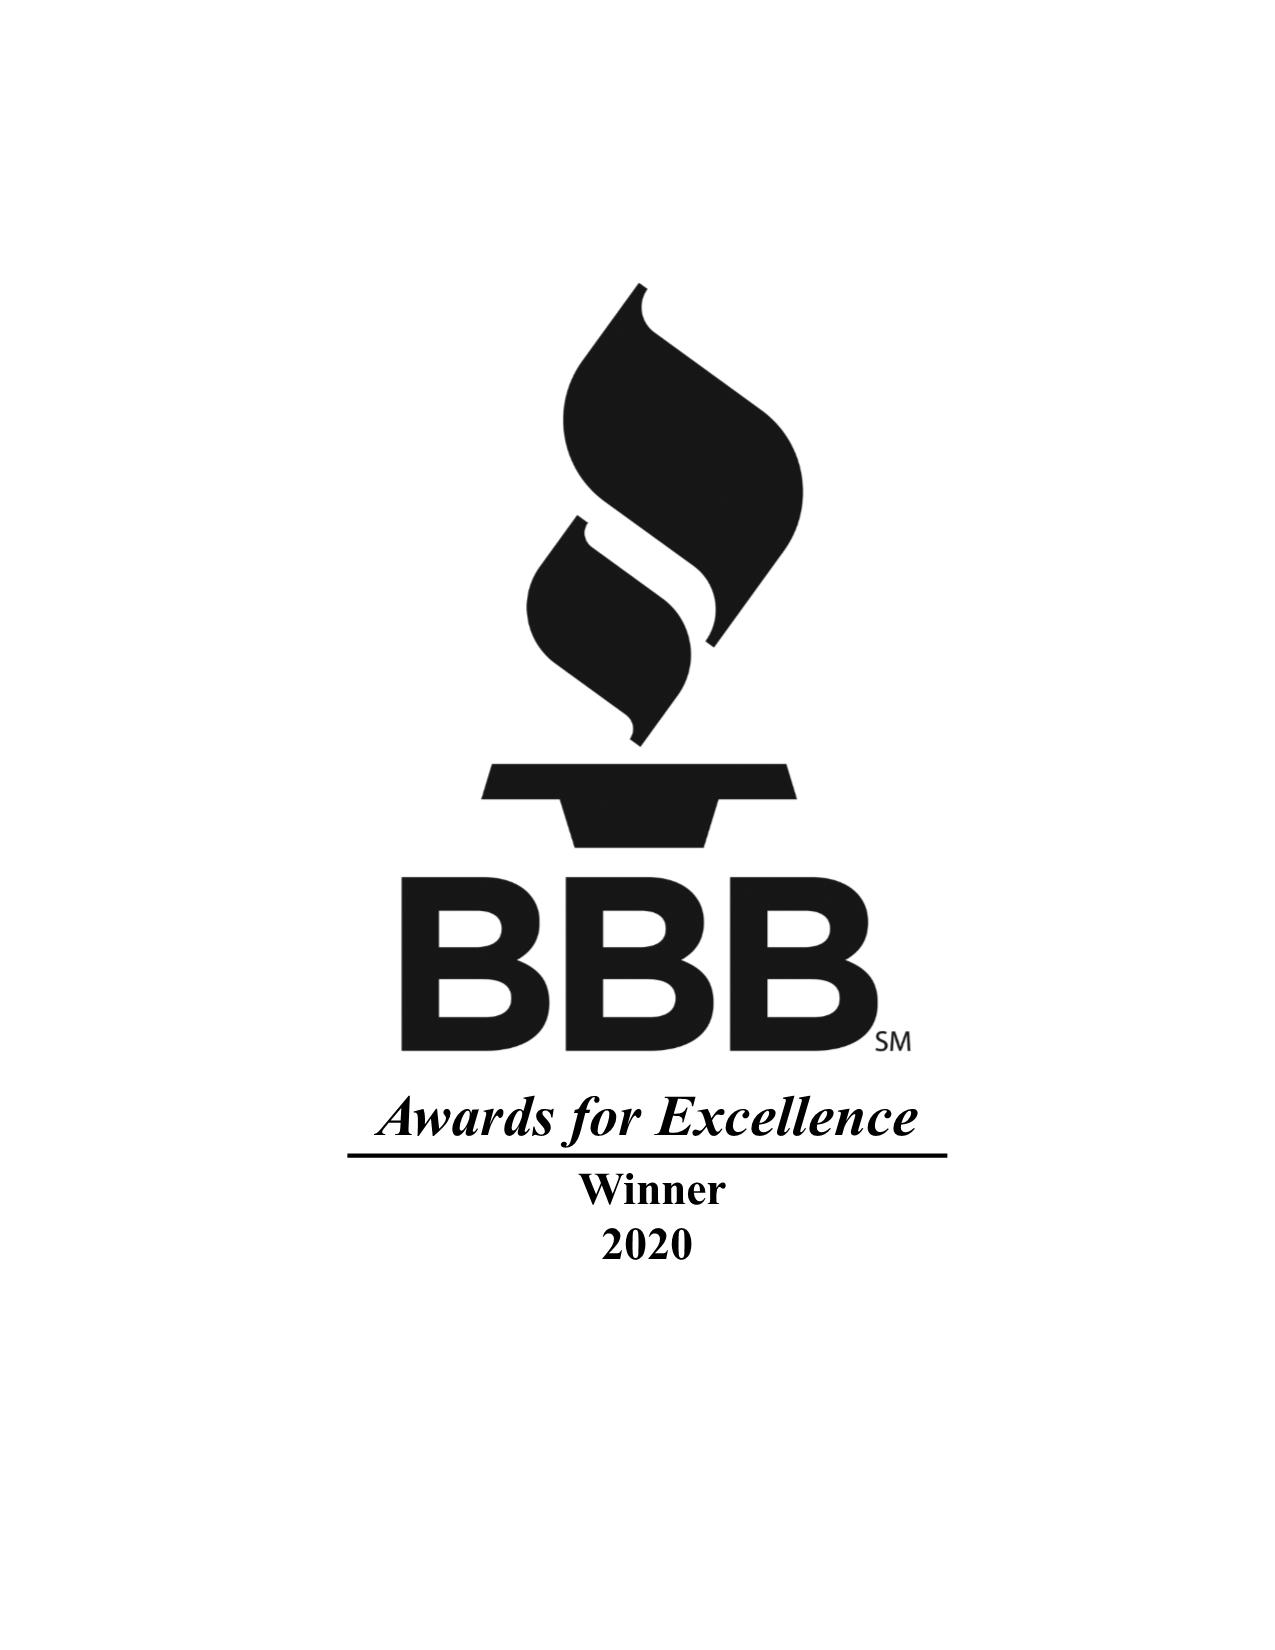 BBB Awards for Excellence Winner 2020